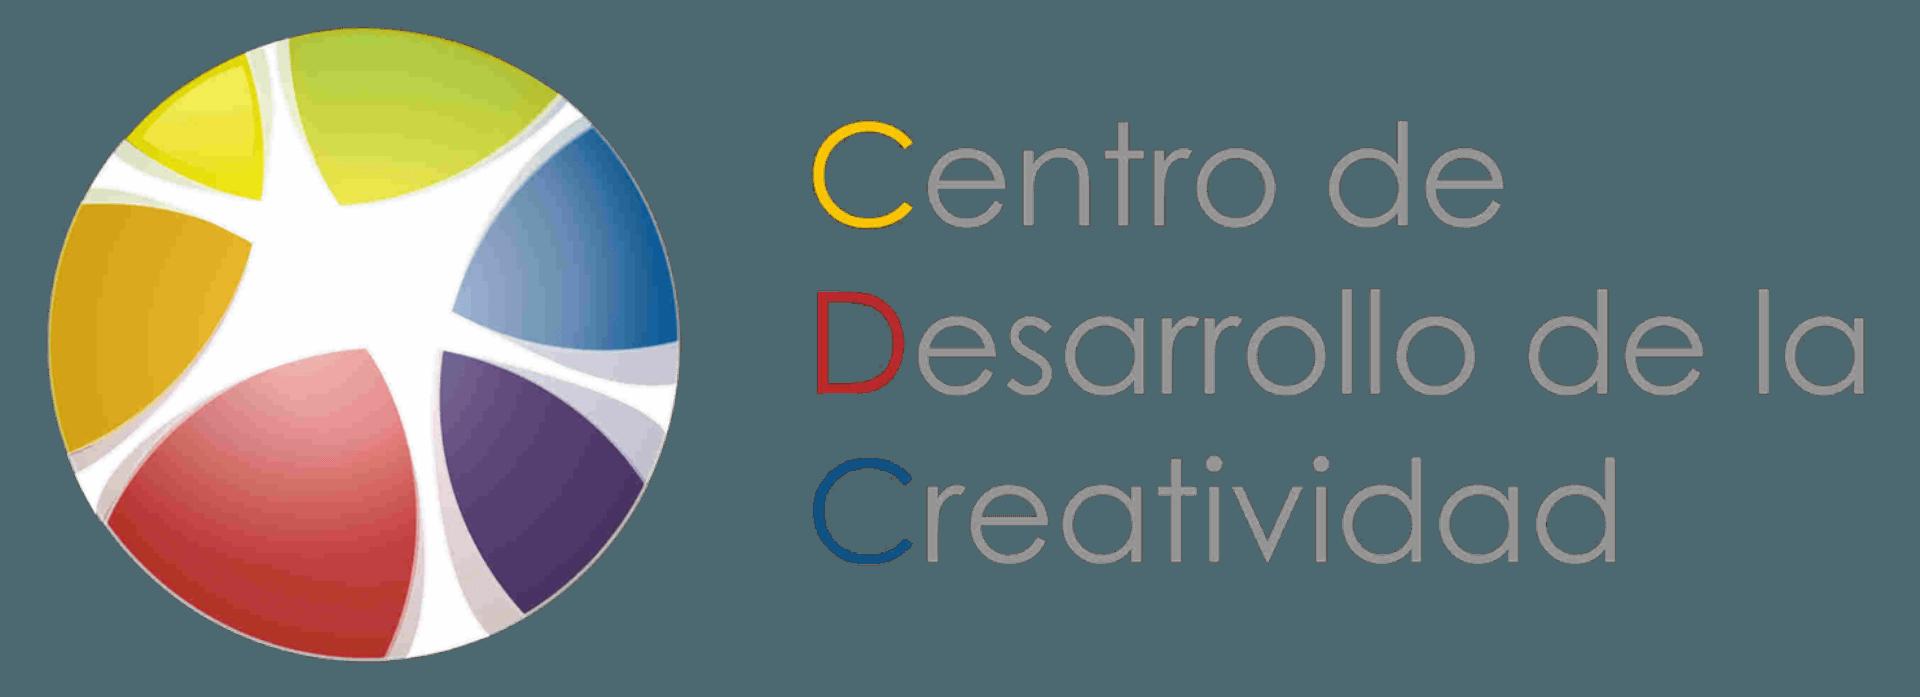 Centro de Desarrollo de la Creatividad